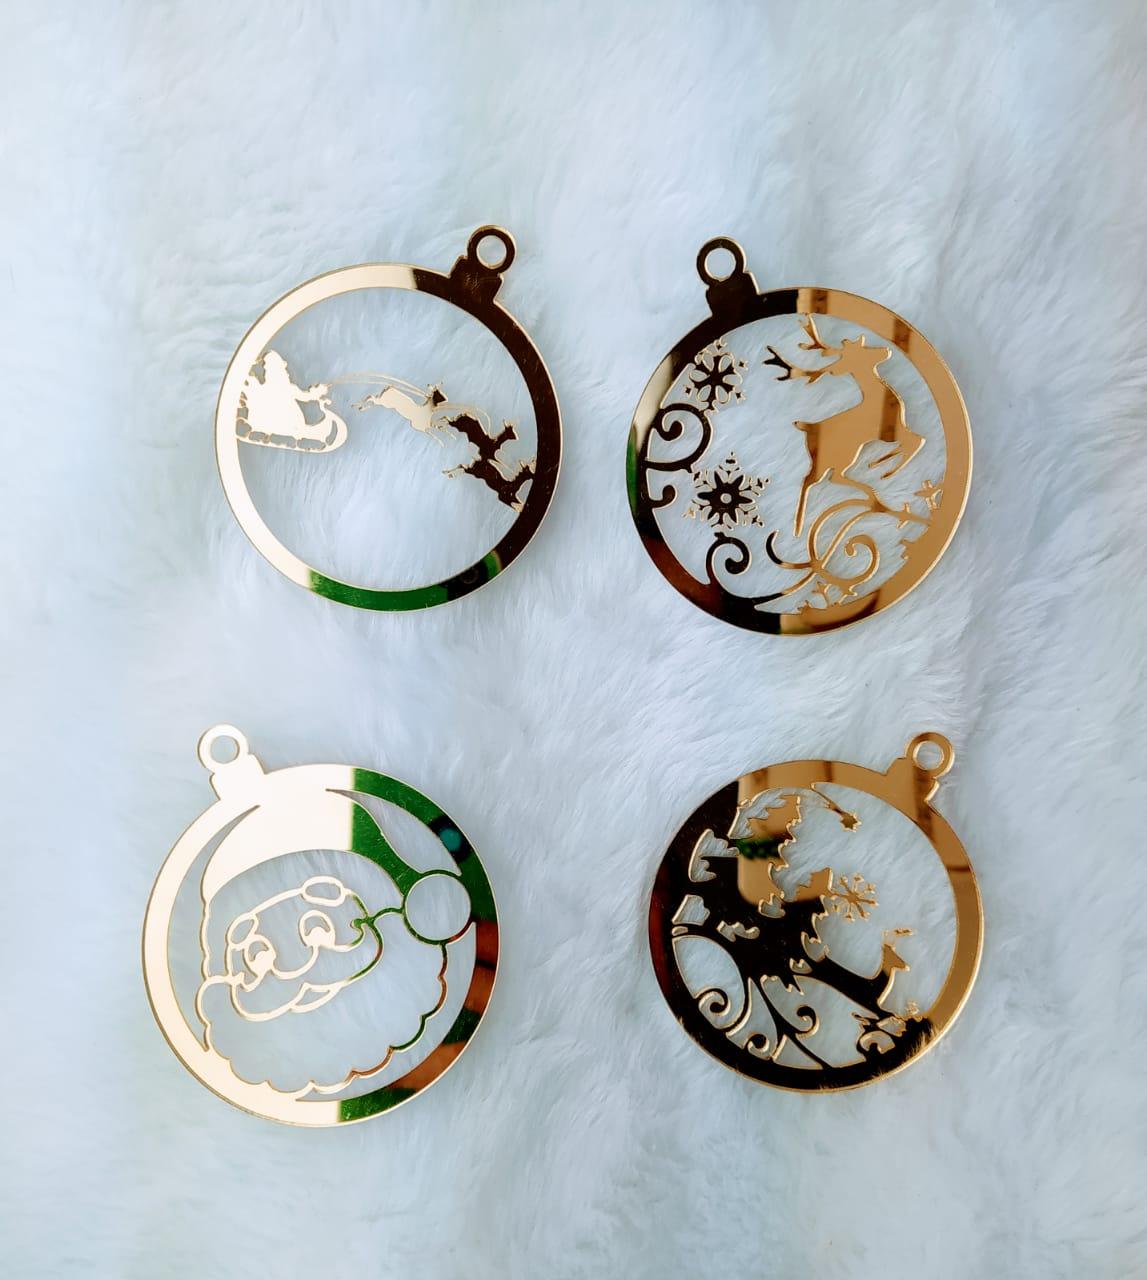 Aplique de Natal em Acrílico Espelhado c/ 4 peças- 8cm - Design By Mila Hermont